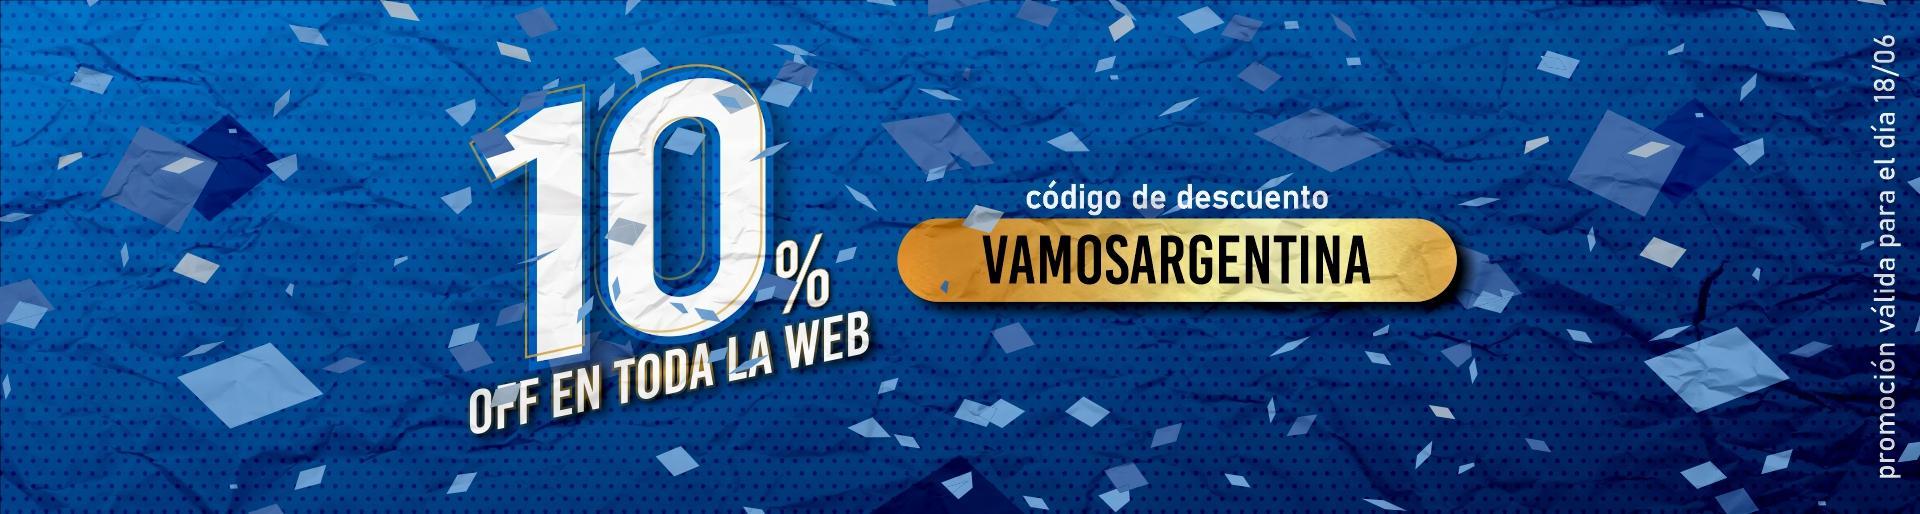 Banner web copa america